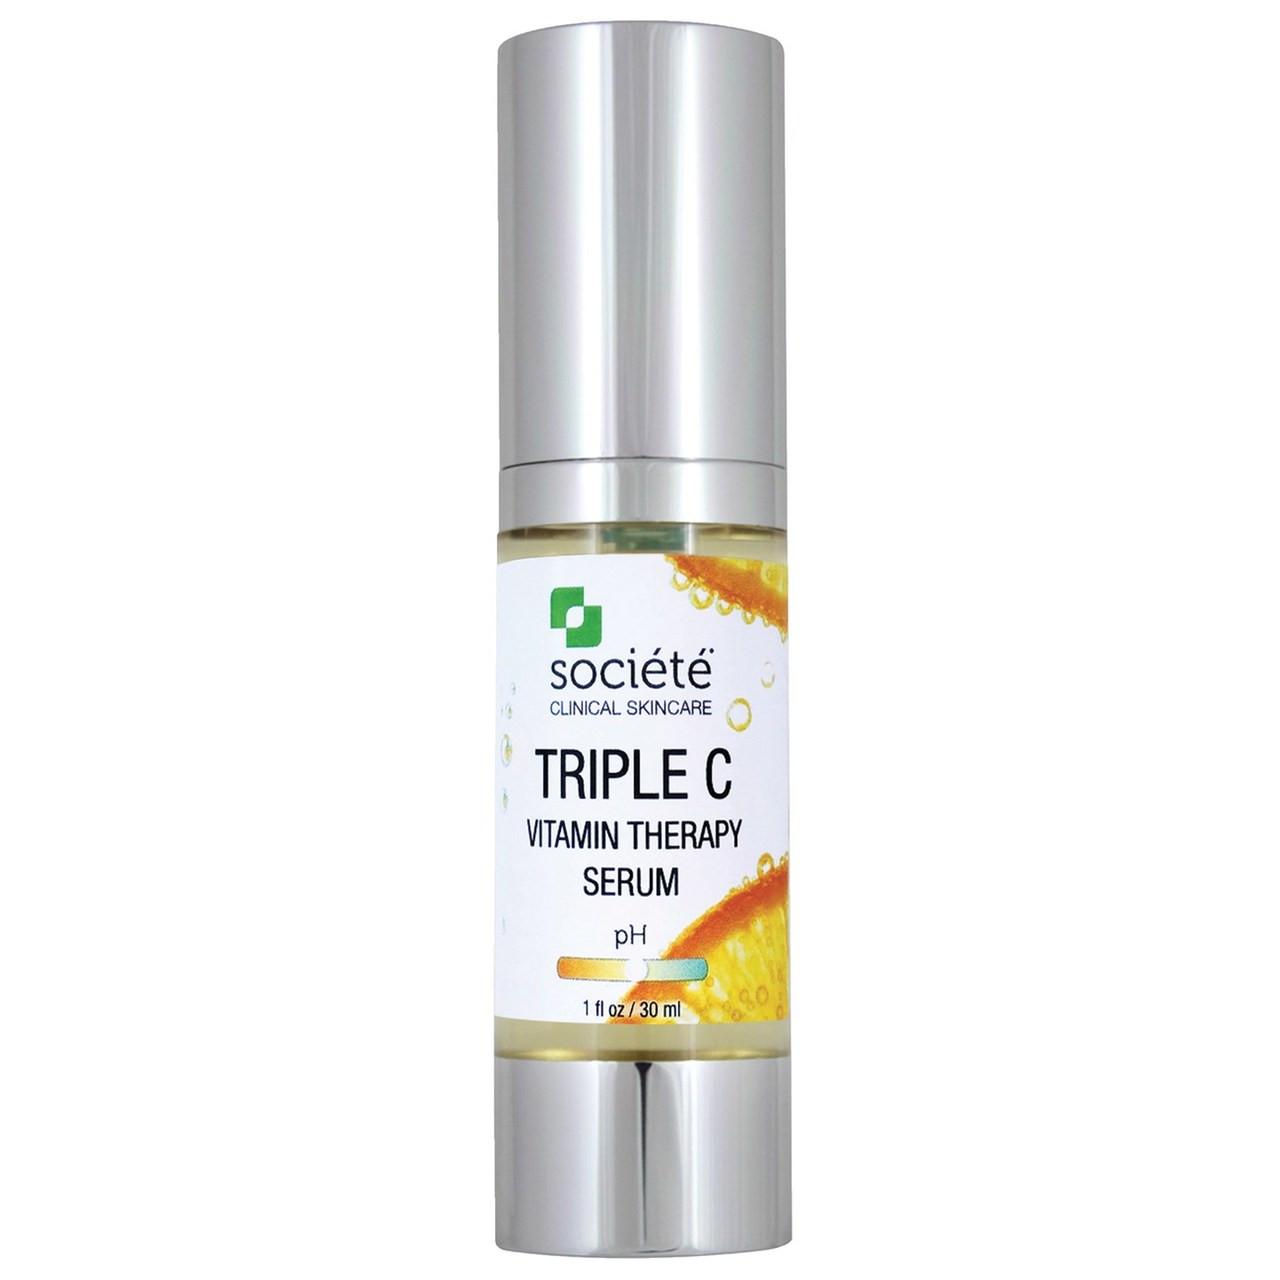 Societe Triple C